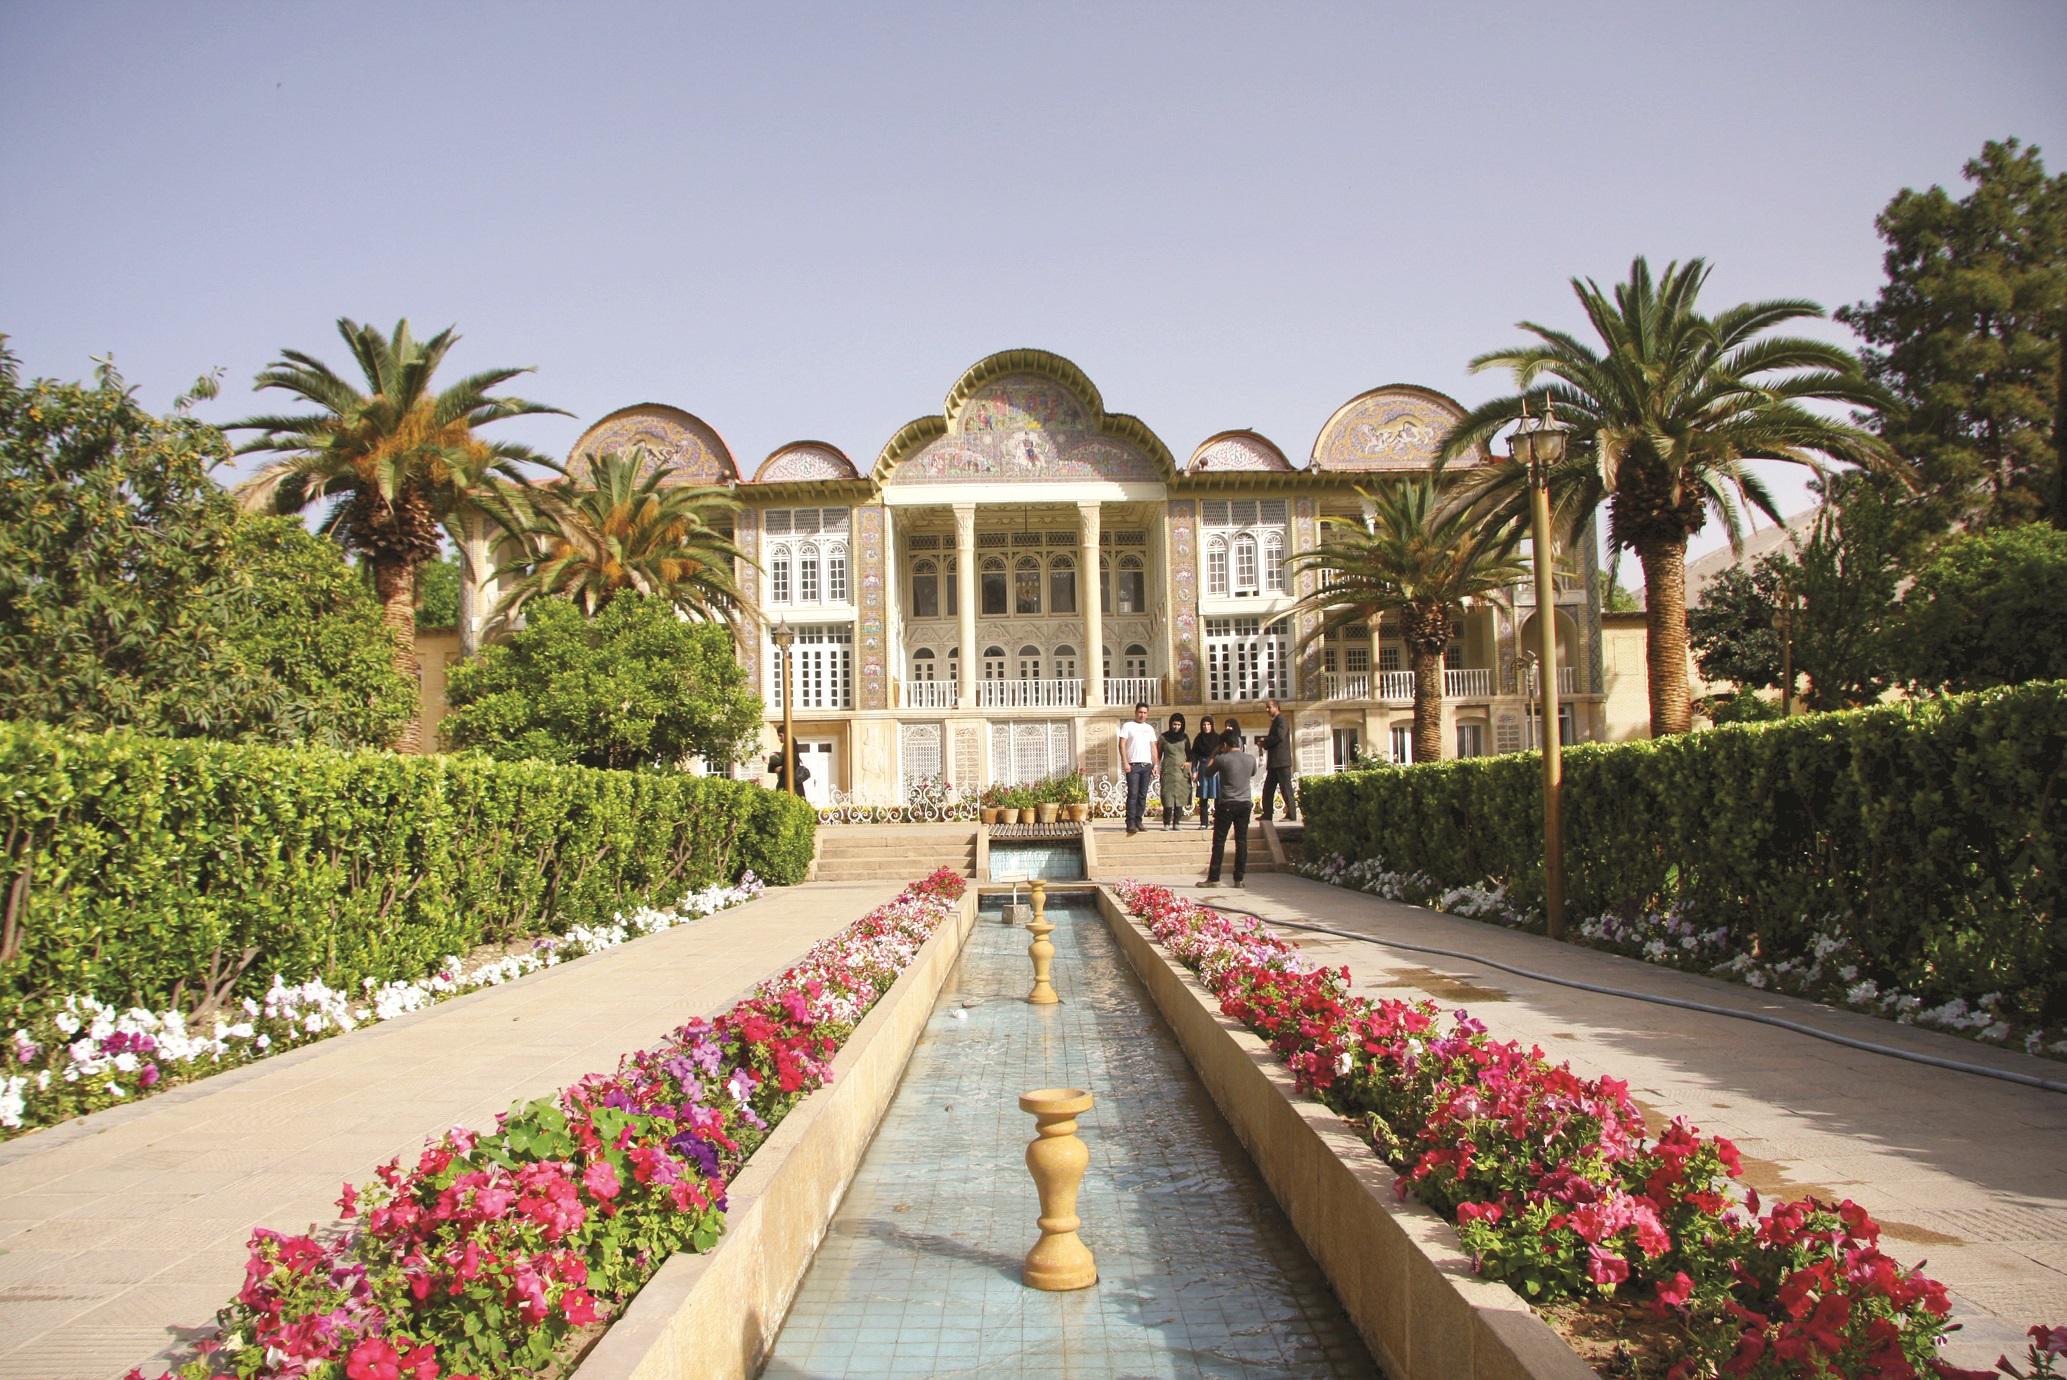 نظام کاشت خطی در امتداد مسیر حرکت باغ- باغ ارم شیراز؛ عکس: فاطمه ناصری آلاشتی